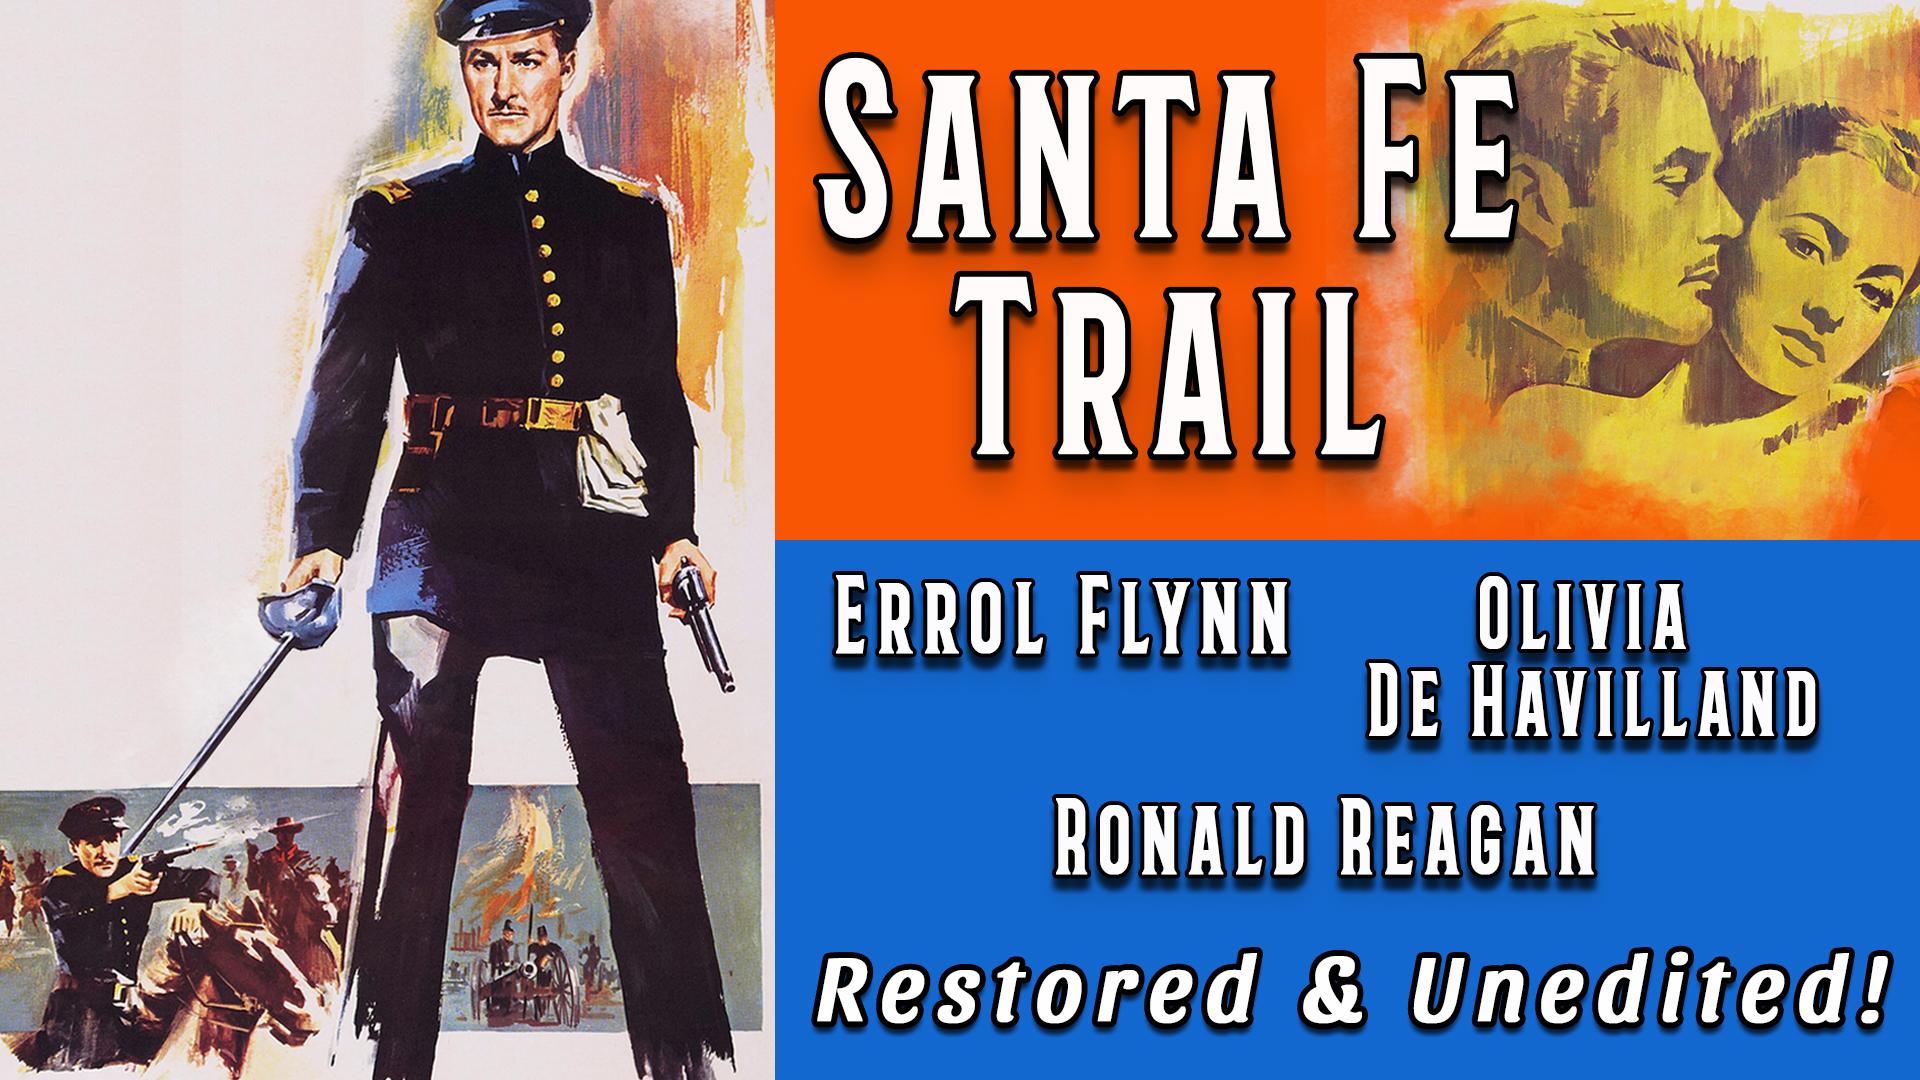 Santa Fe Trail - Errol Flynn, Olivia De Havilland, Ronald Reagan, Restored & Unedited!